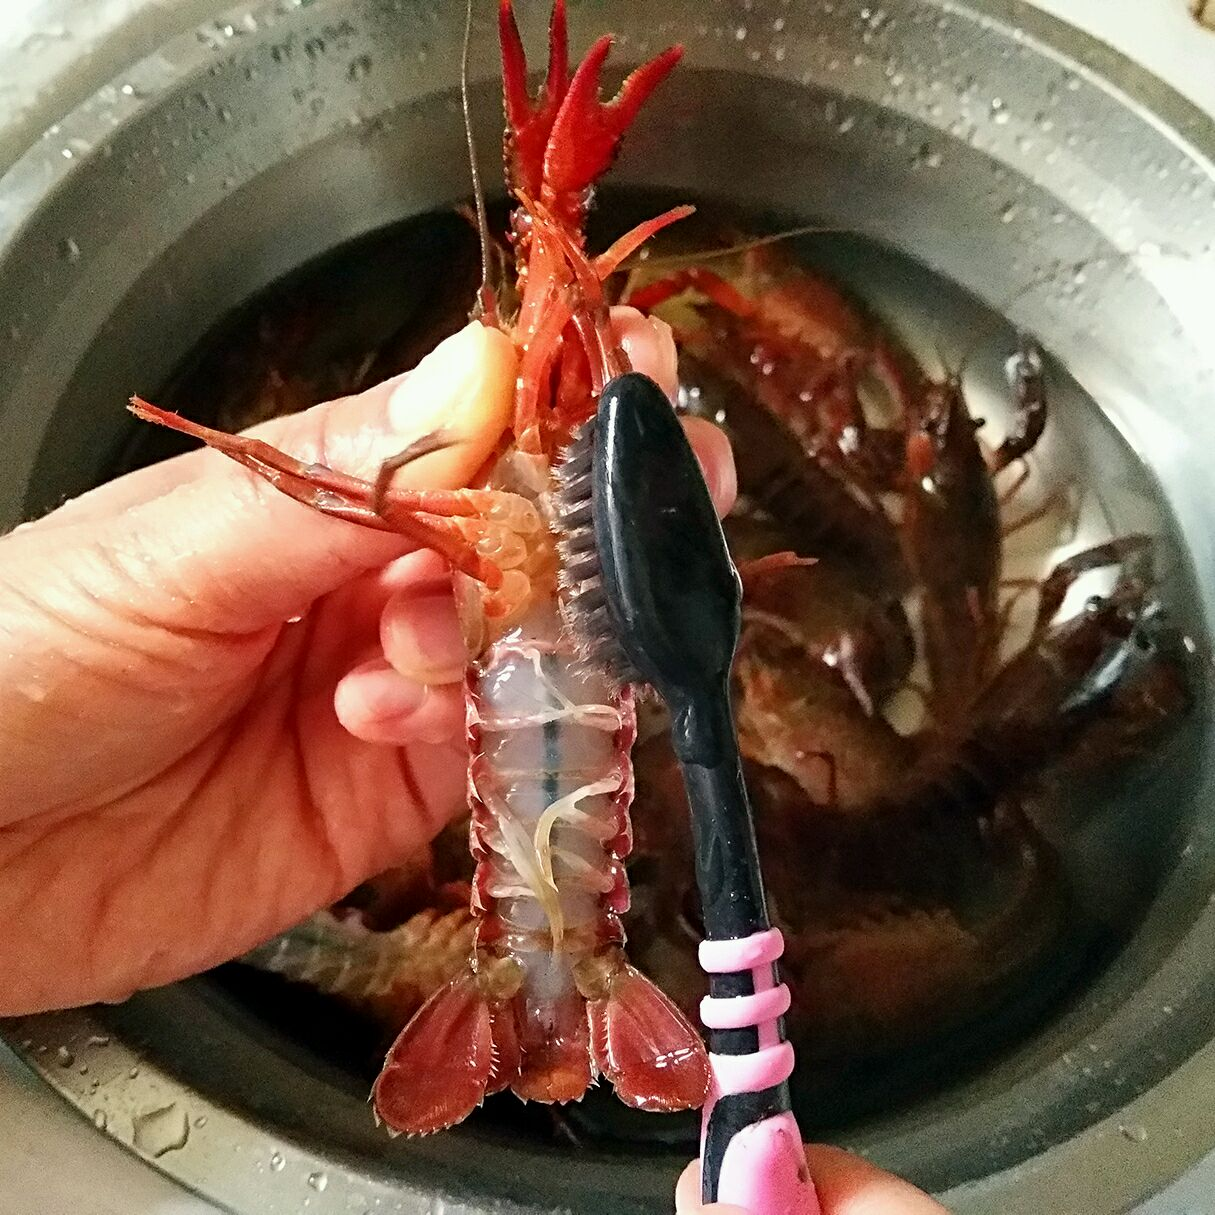 麻辣小龙虾的做法步骤 2.